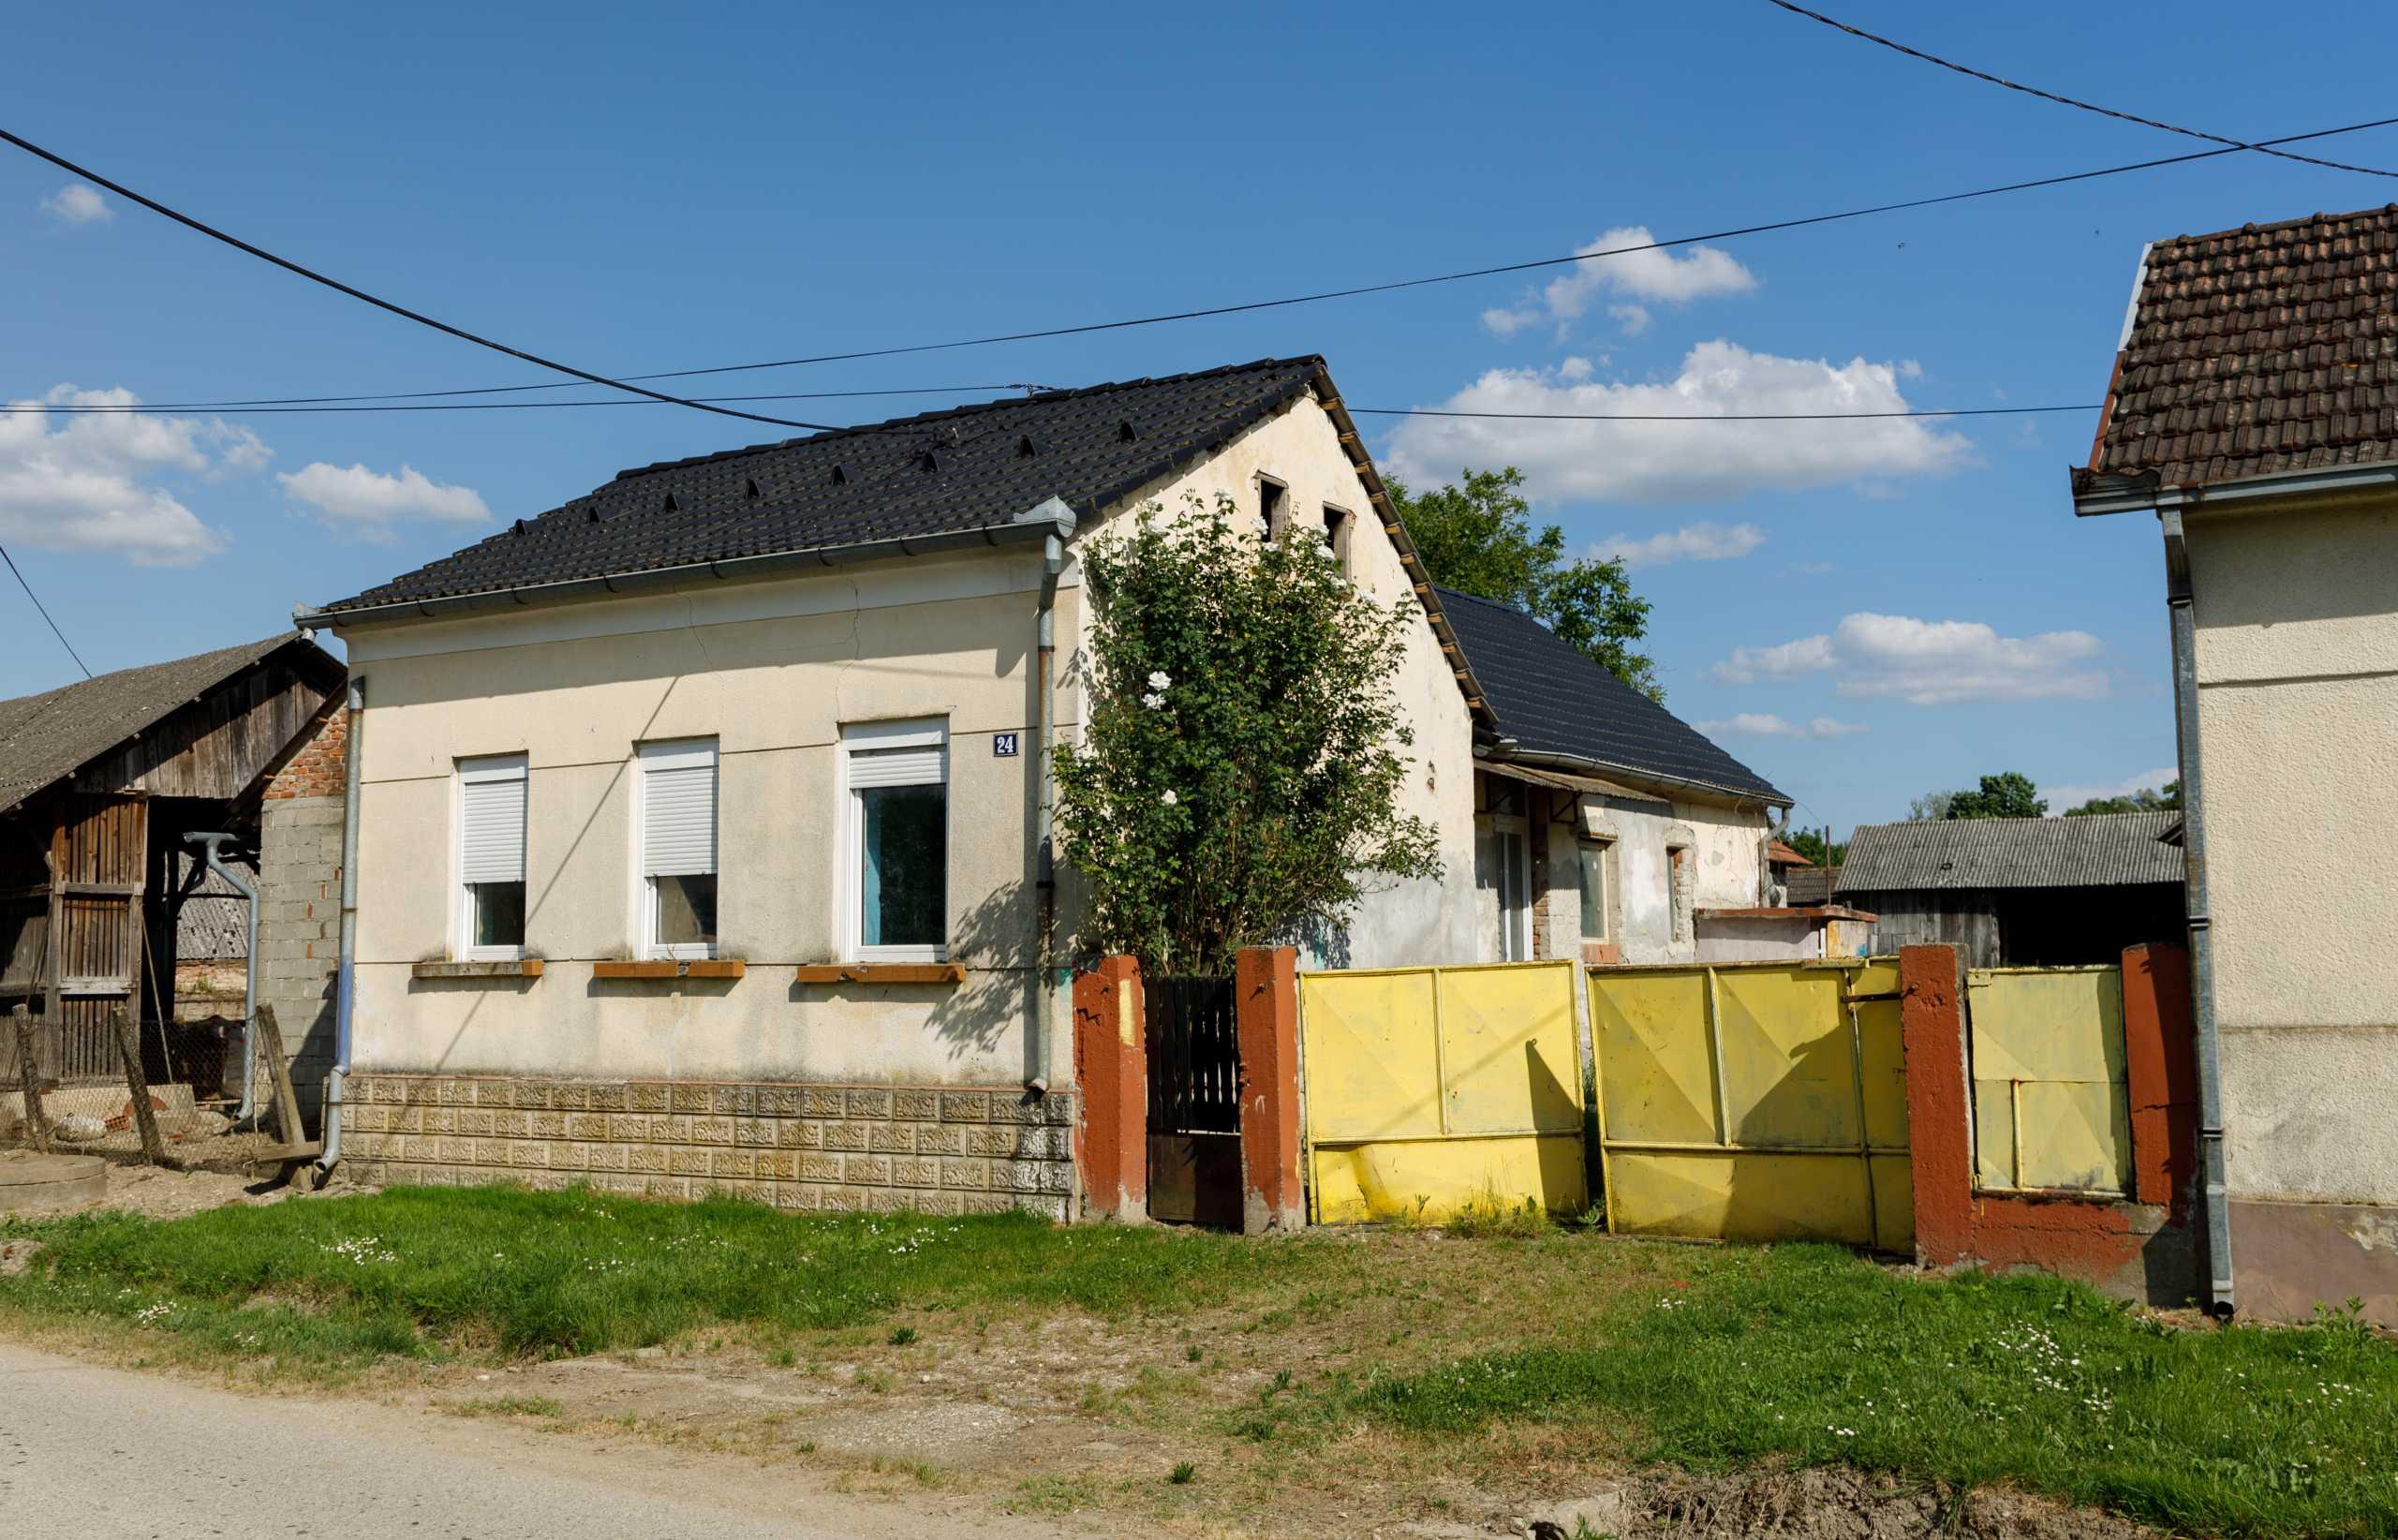 Σπίτια κάτω του ενός ευρώ πωλούνται σε αυτή την πόλη της Κροατίας (pics)